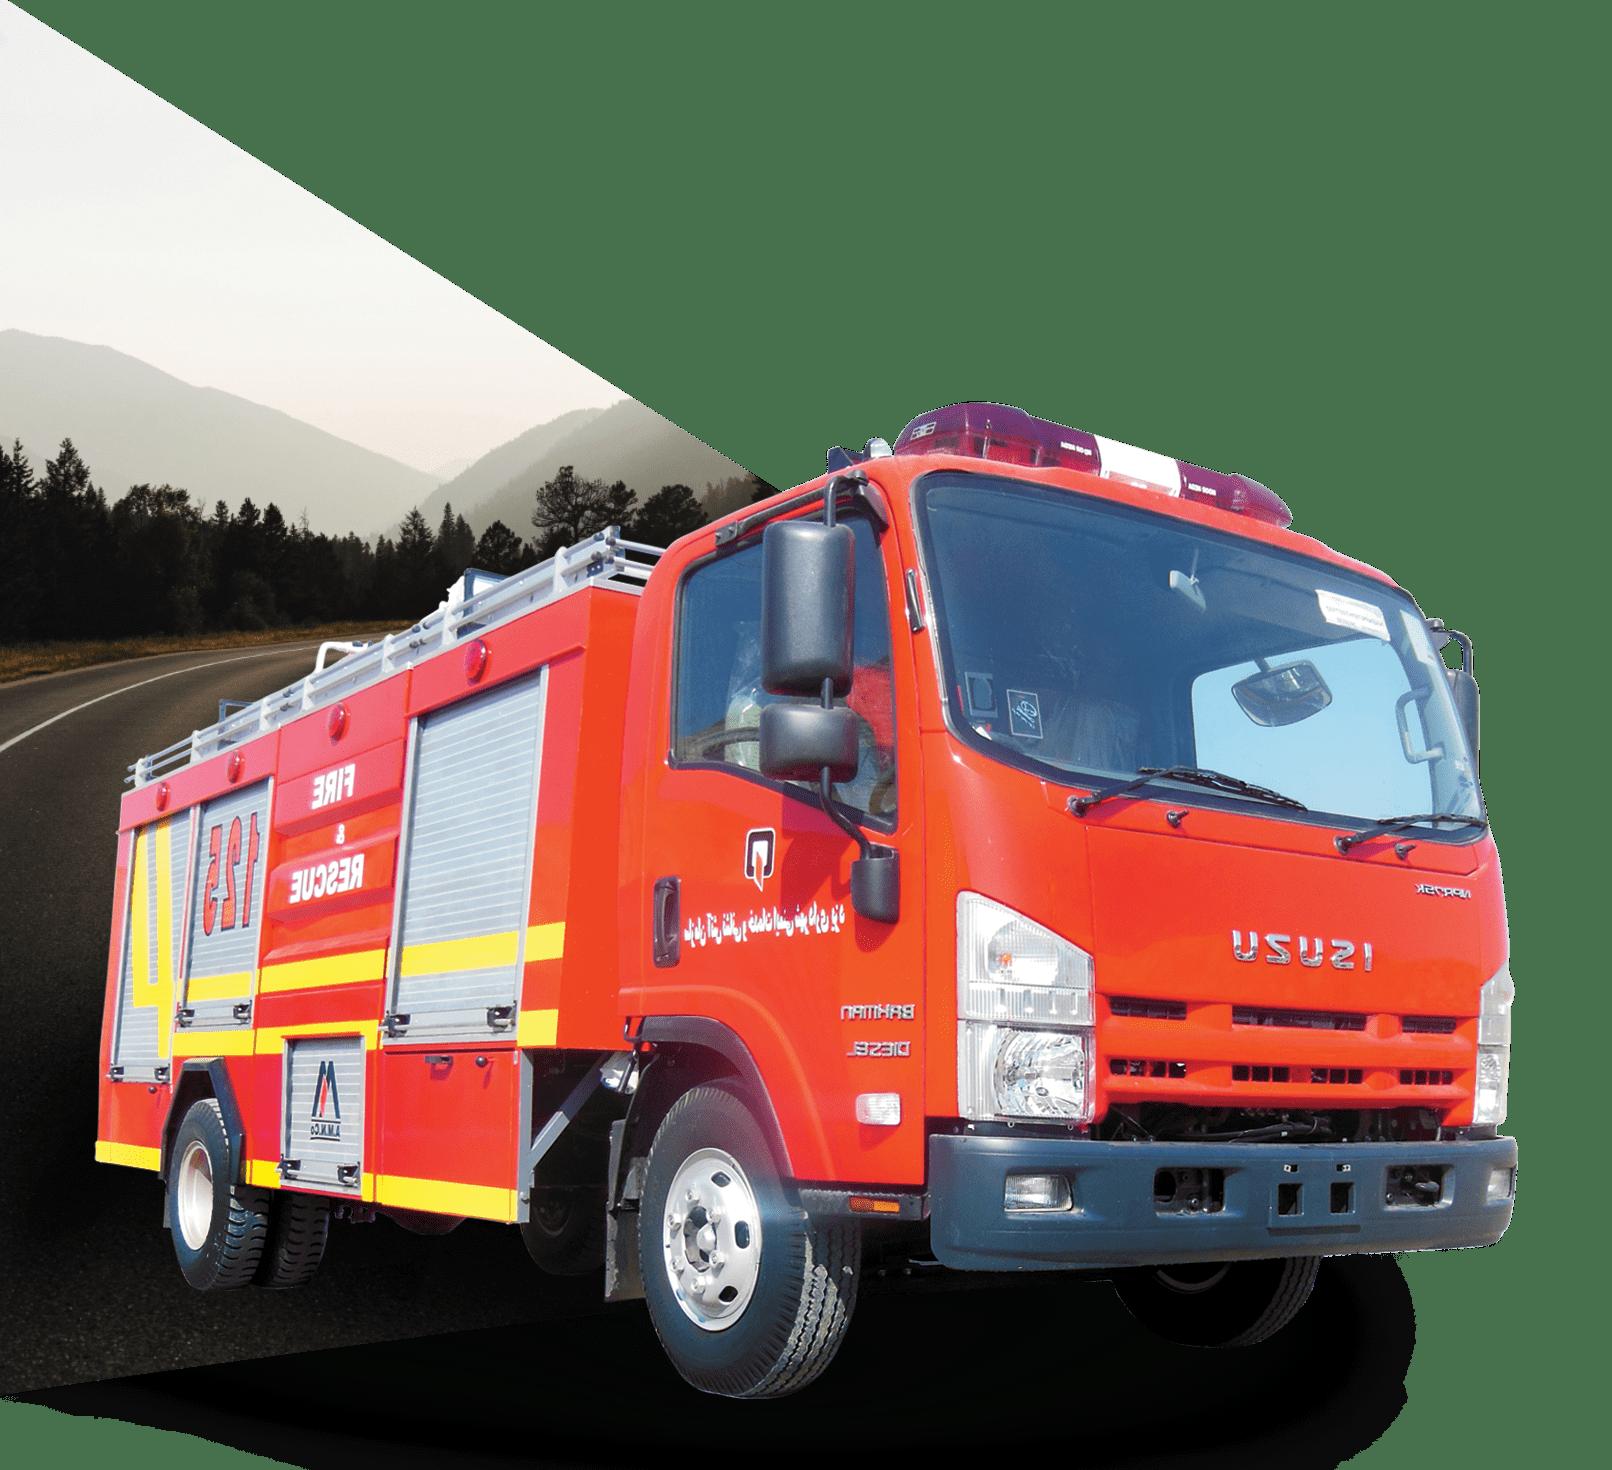 ماشین نیمه سنگین آتش نشانی | آتش مهاران نوین آریا